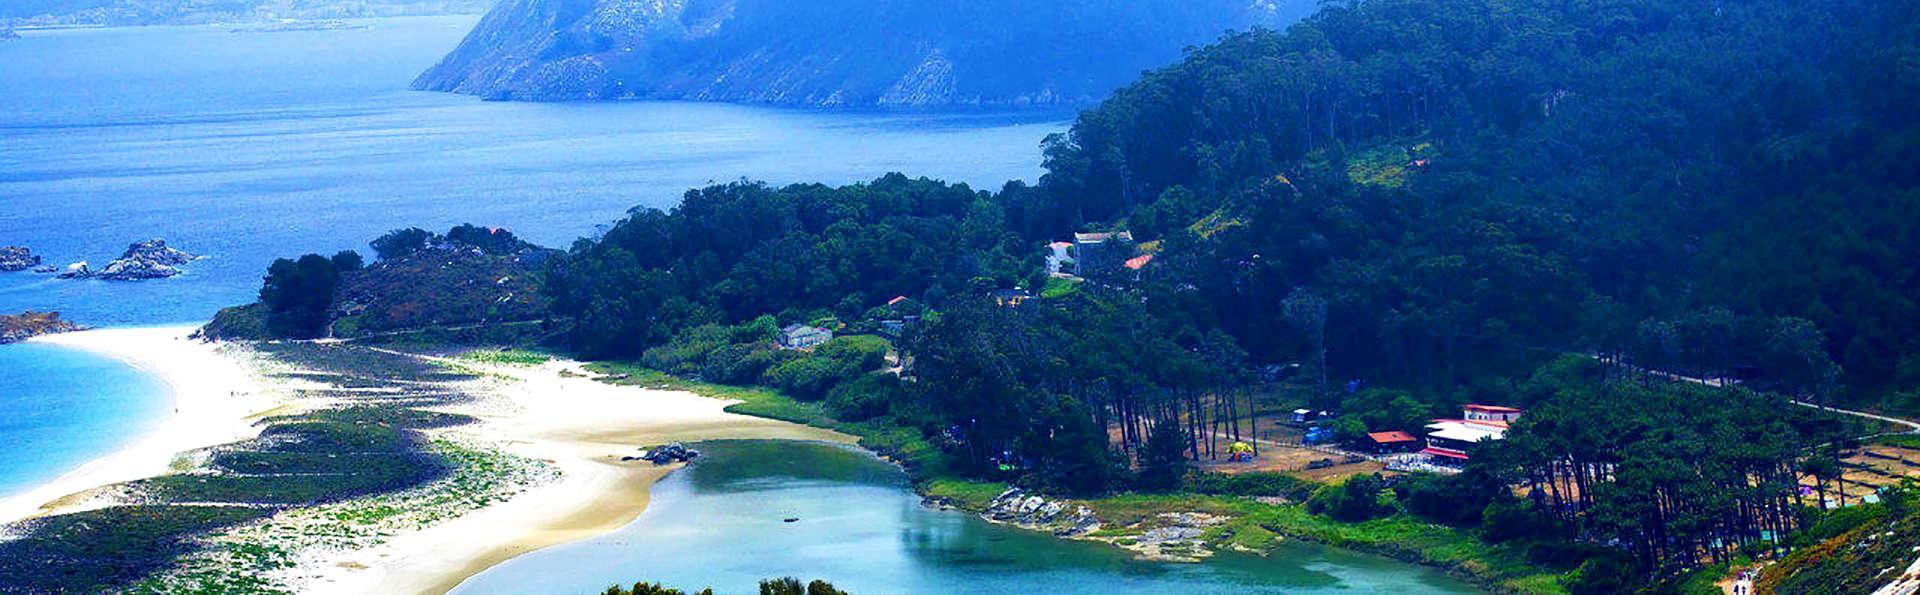 Profitez de l'été avec une croisière sur la Ría de Arousa et dégustation de moules marinières